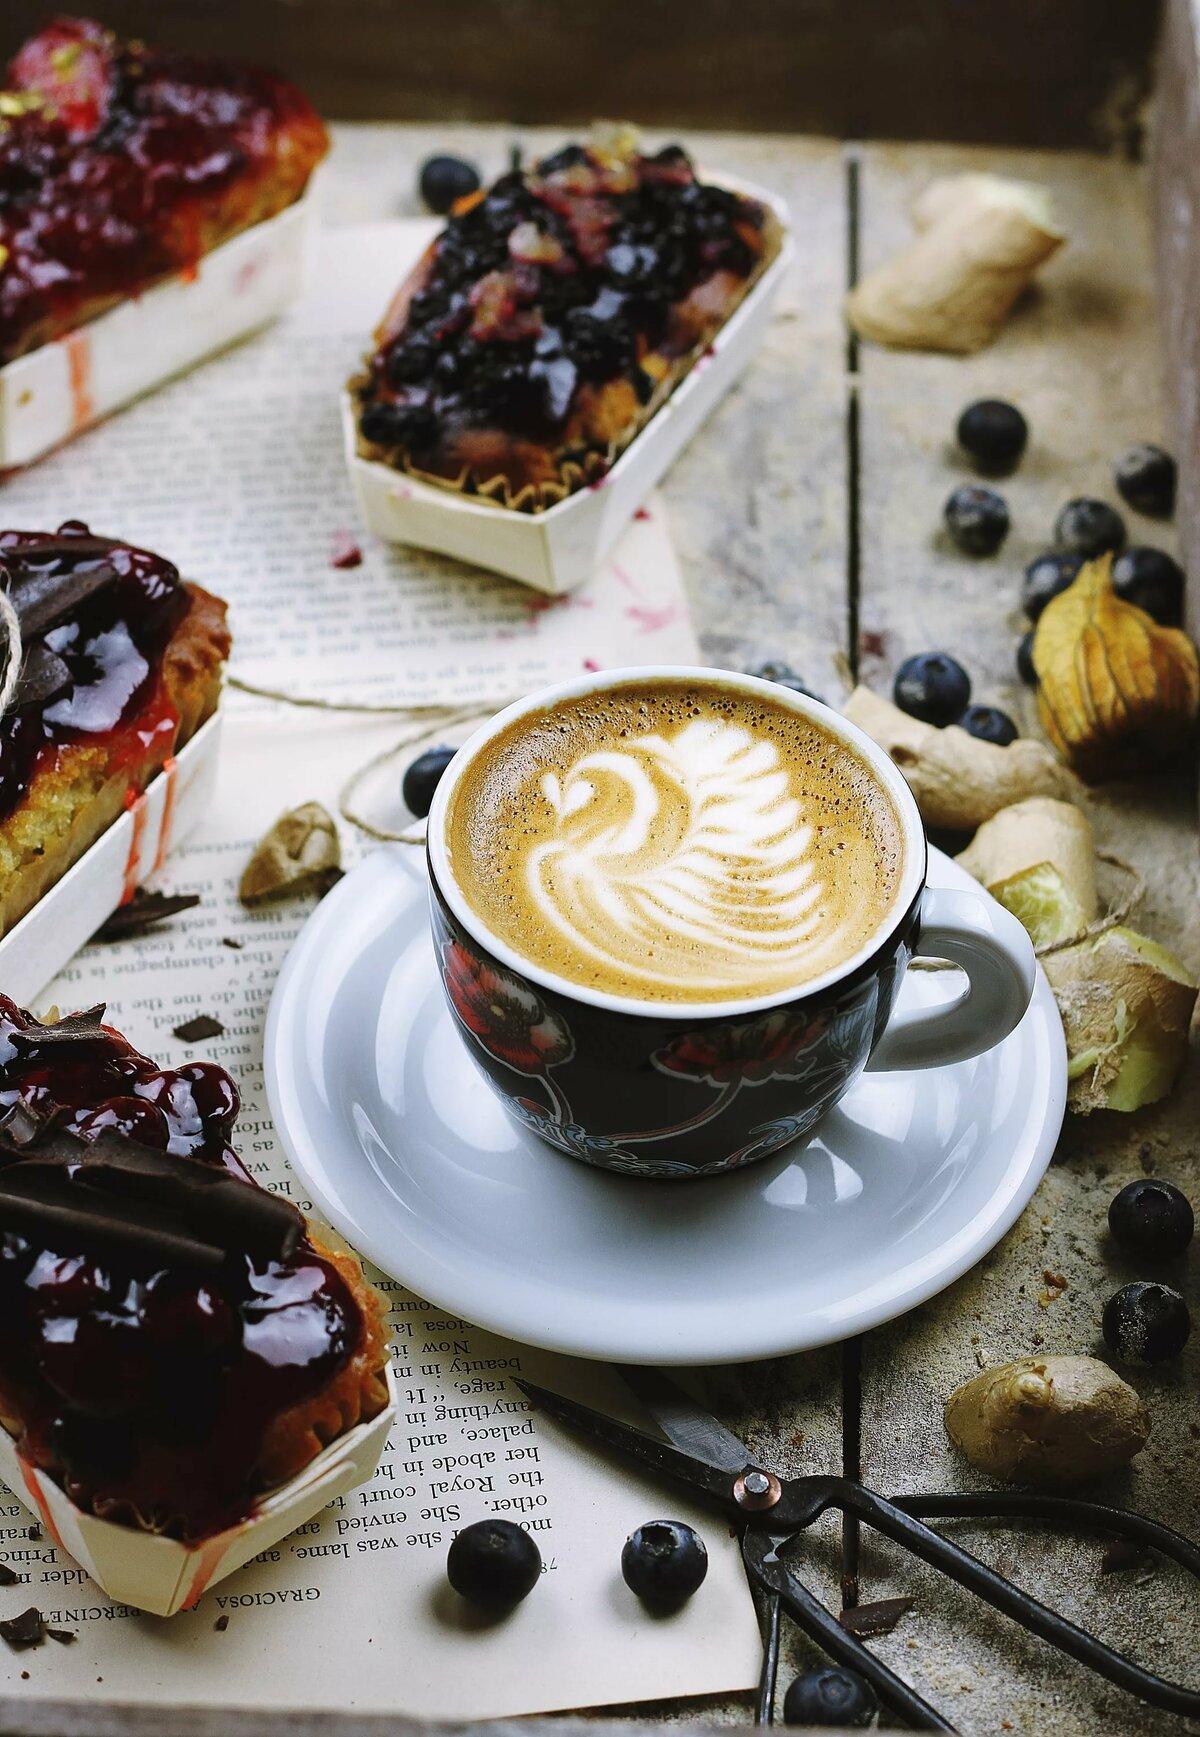 Картинки с кружками кофе и пироженками